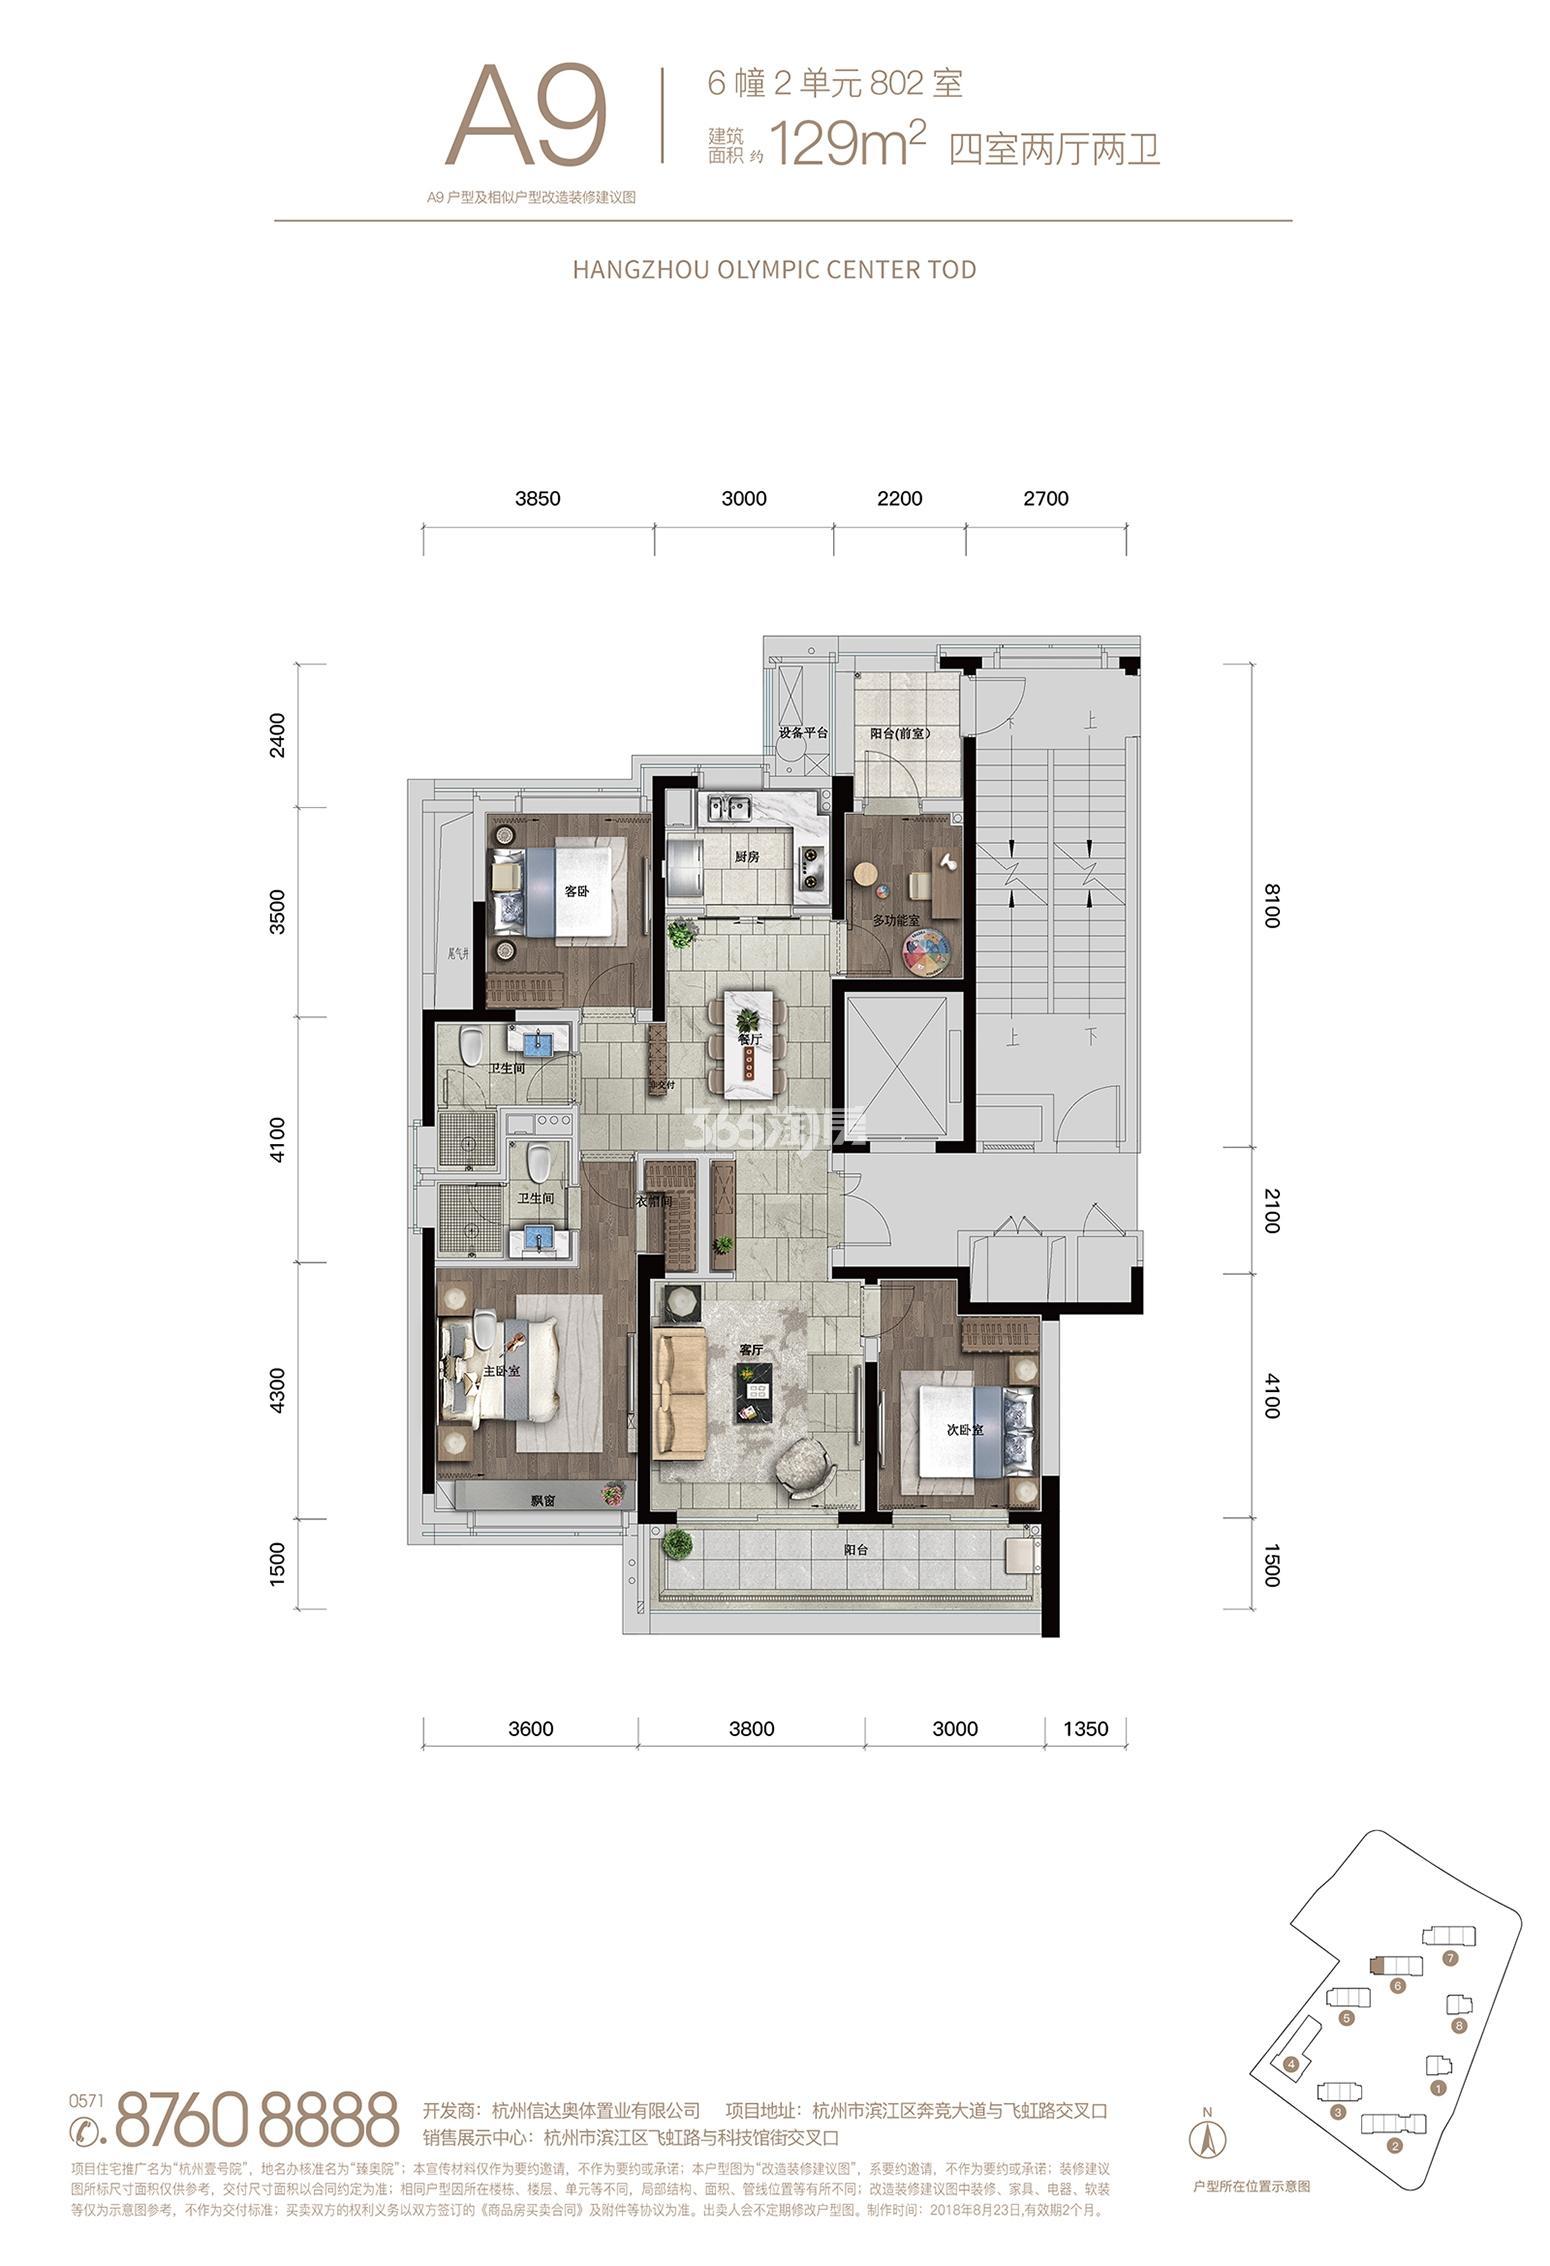 信达中心|杭州壹号院6号楼西边套A9户型 约129㎡